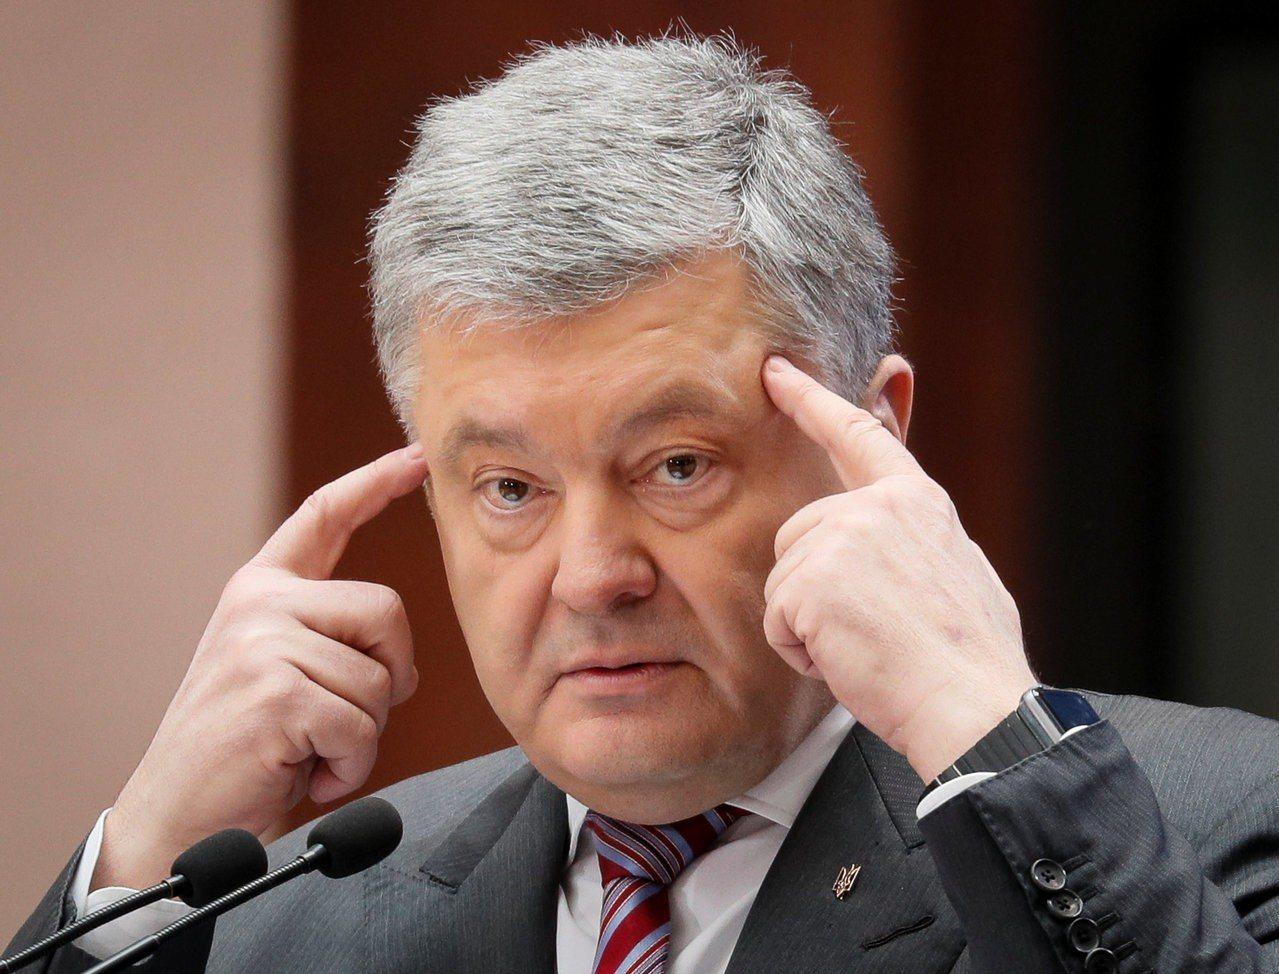 烏克蘭總統大選第2輪投票將在21日登場,由於目前的情勢明顯有利於澤倫斯基,波洛申...